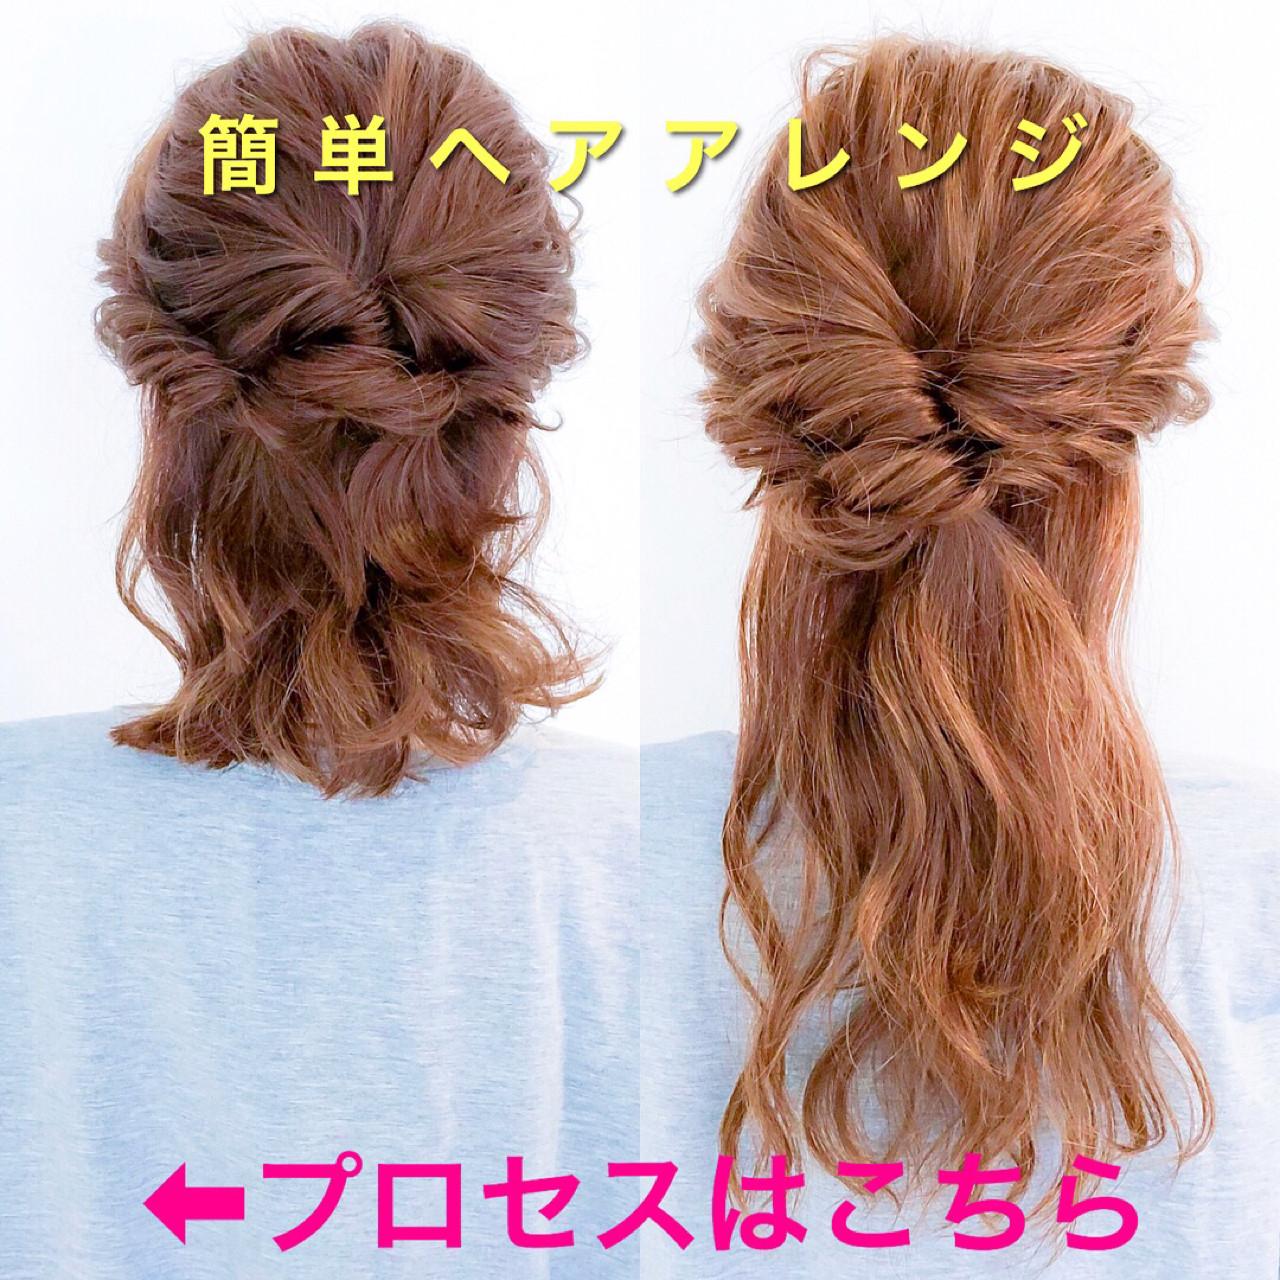 ショート フェミニン 簡単ヘアアレンジ ヘアアレンジ ヘアスタイルや髪型の写真・画像 | 美容師HIRO/Amoute代表 / Amoute/アムティ